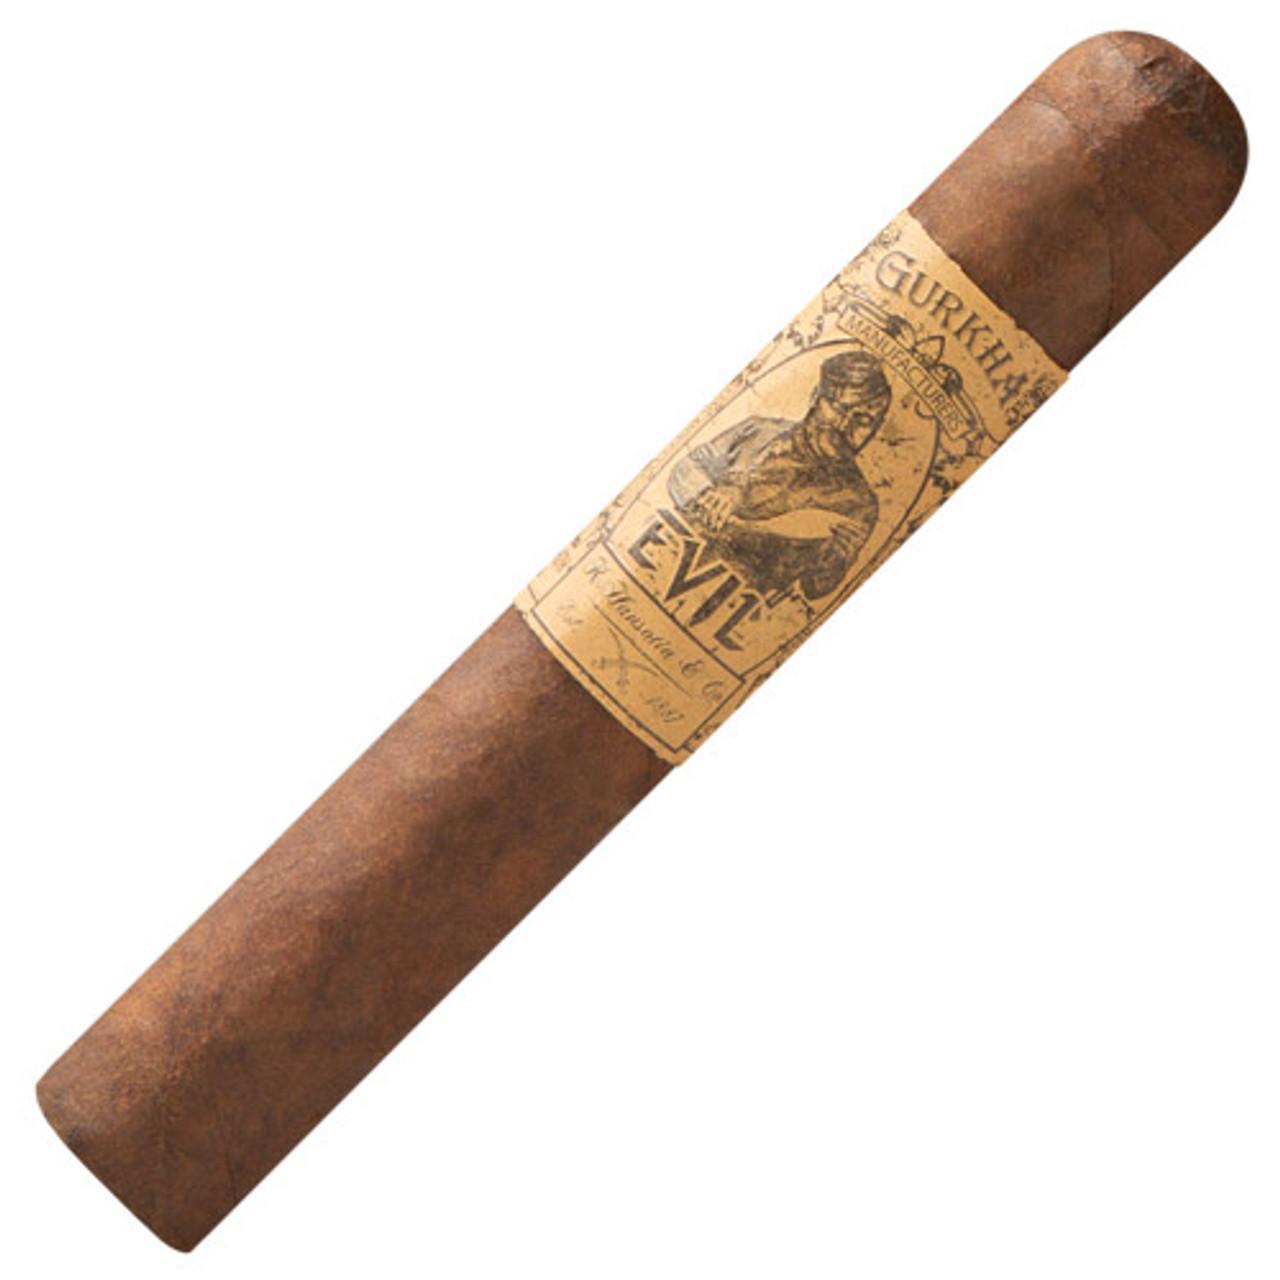 Gurkha Evil Toro Cigars - 6 x 50 (Box of 20)